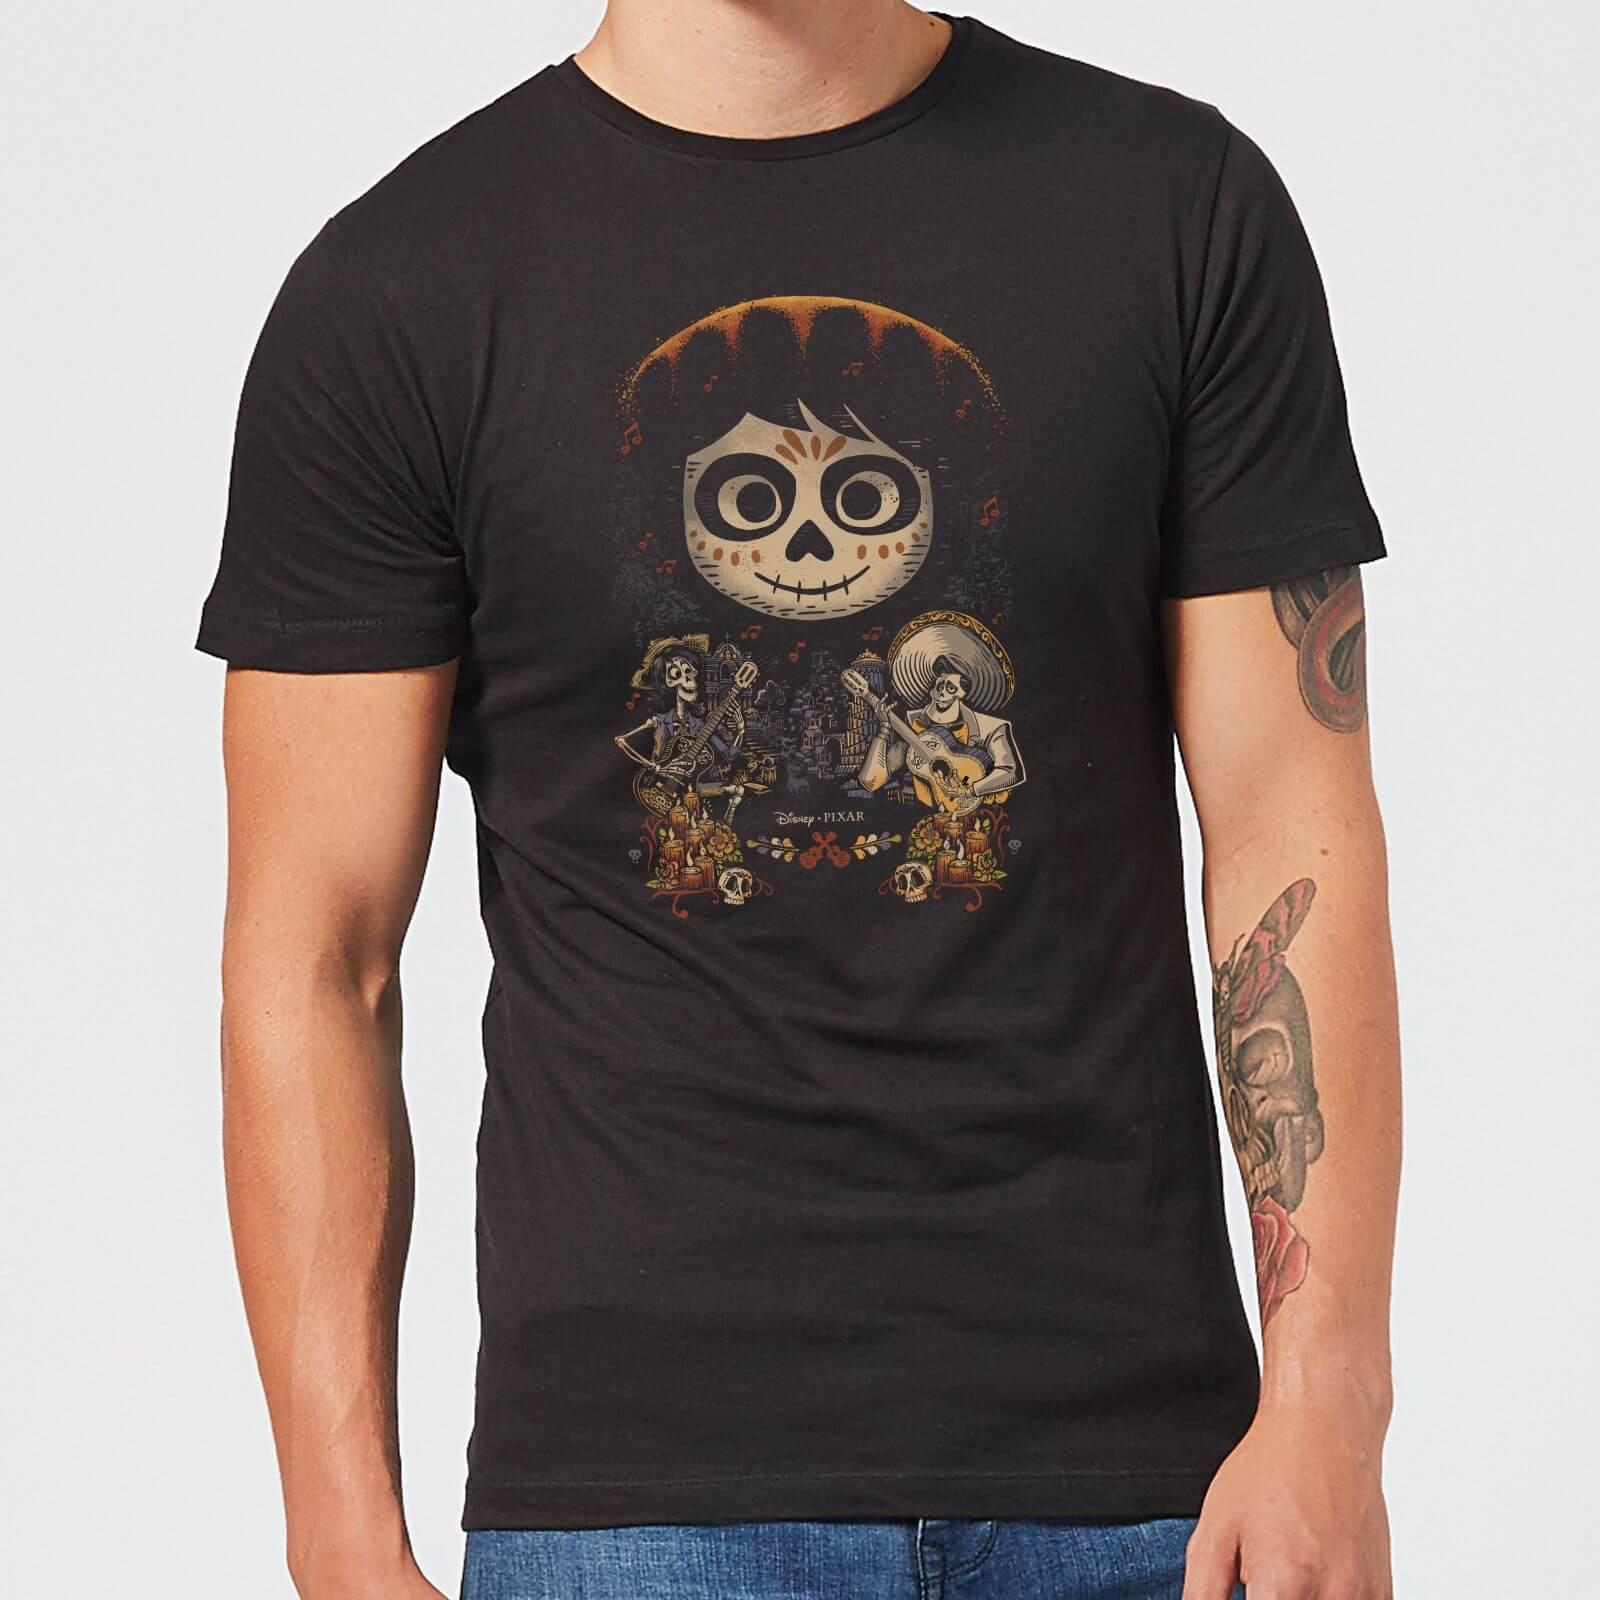 Pixar T-Shirt Homme Visage Miguel Poster Coco - Noir - S - Noir